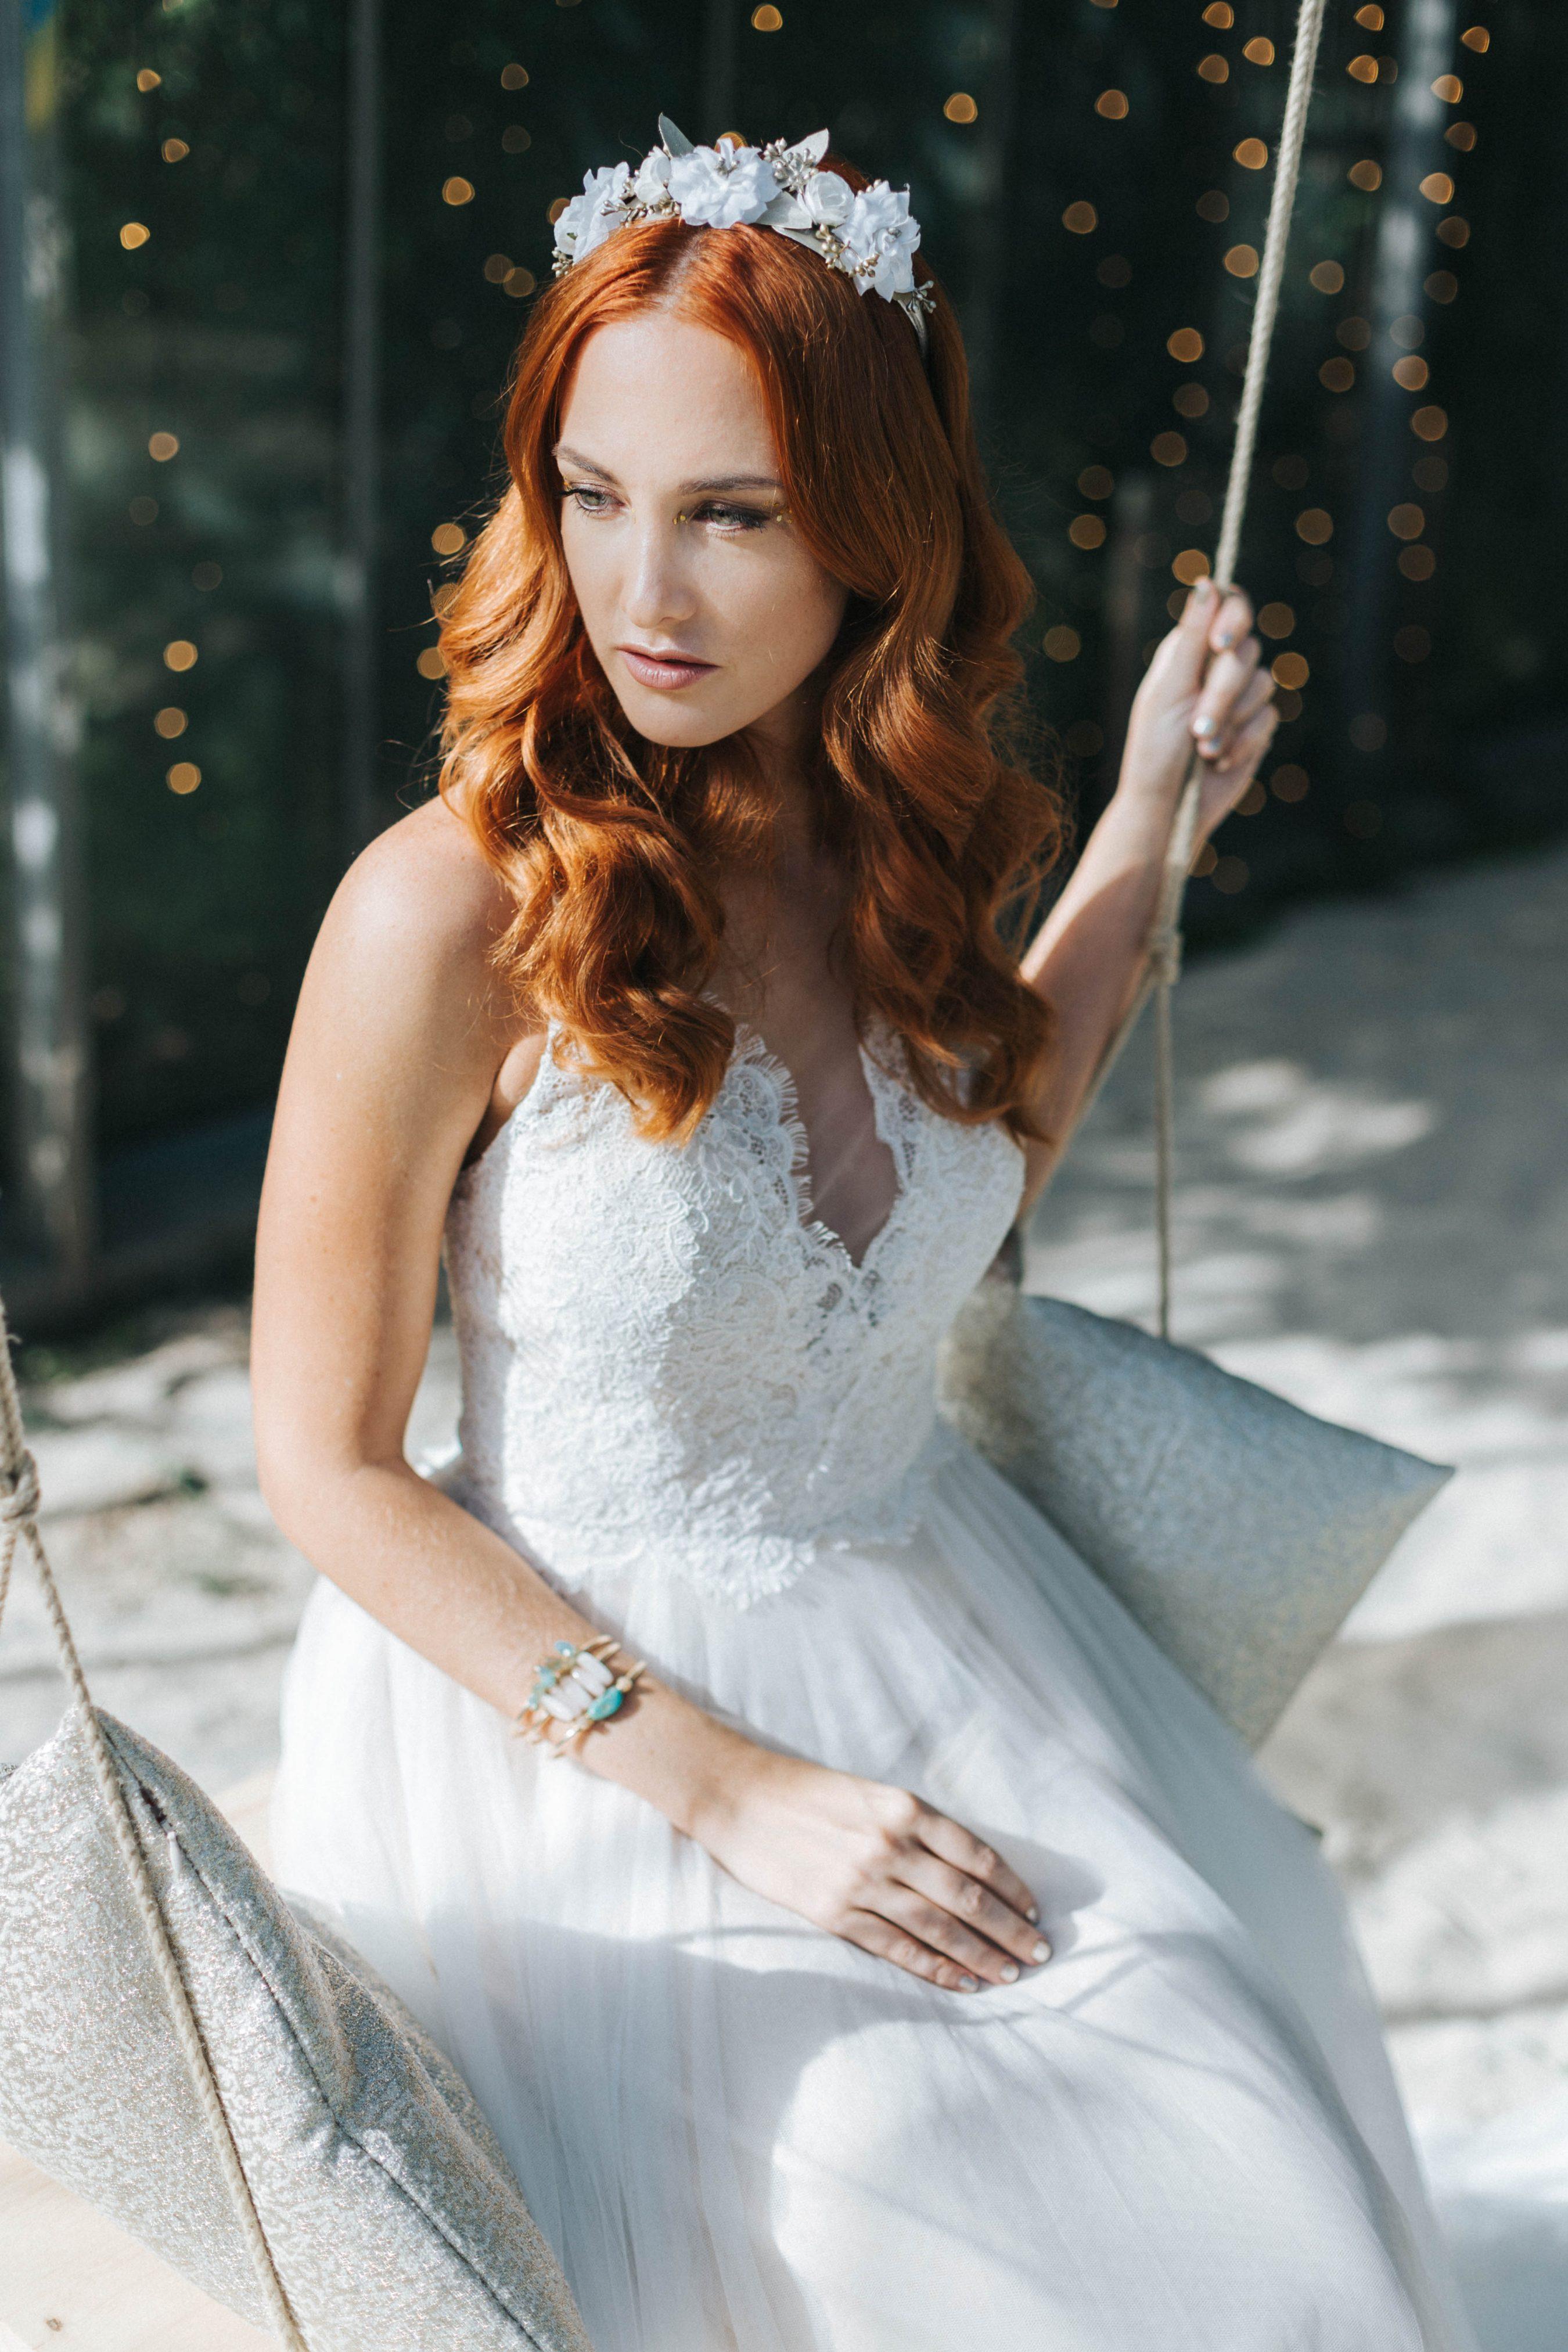 Brautfrisur offene Haare mit Wellen, Brautfrisur rote Haare